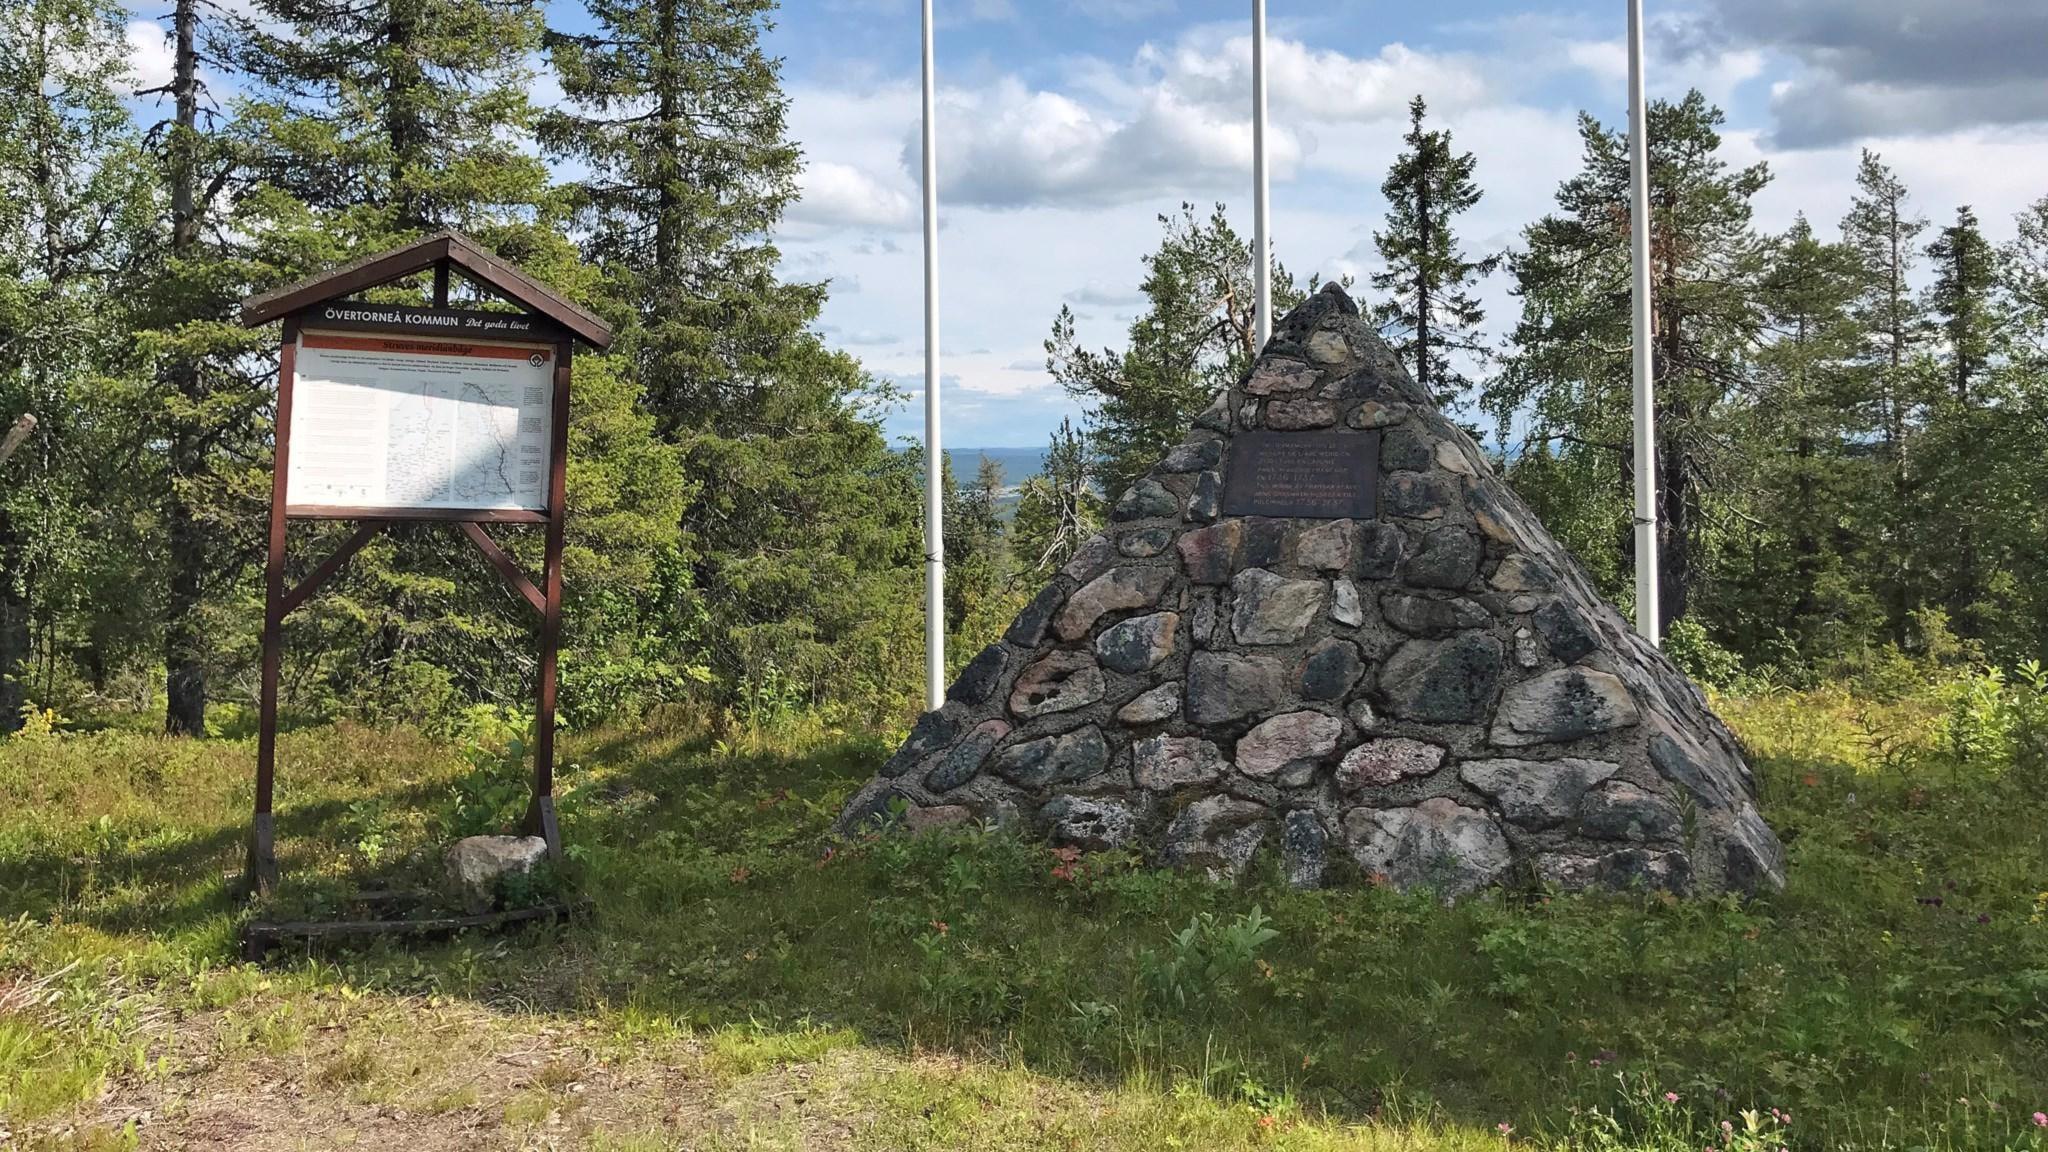 Informationstavla om Struves meridianbåge intill Maupertuis triangel, mätpunkten Pullinki.